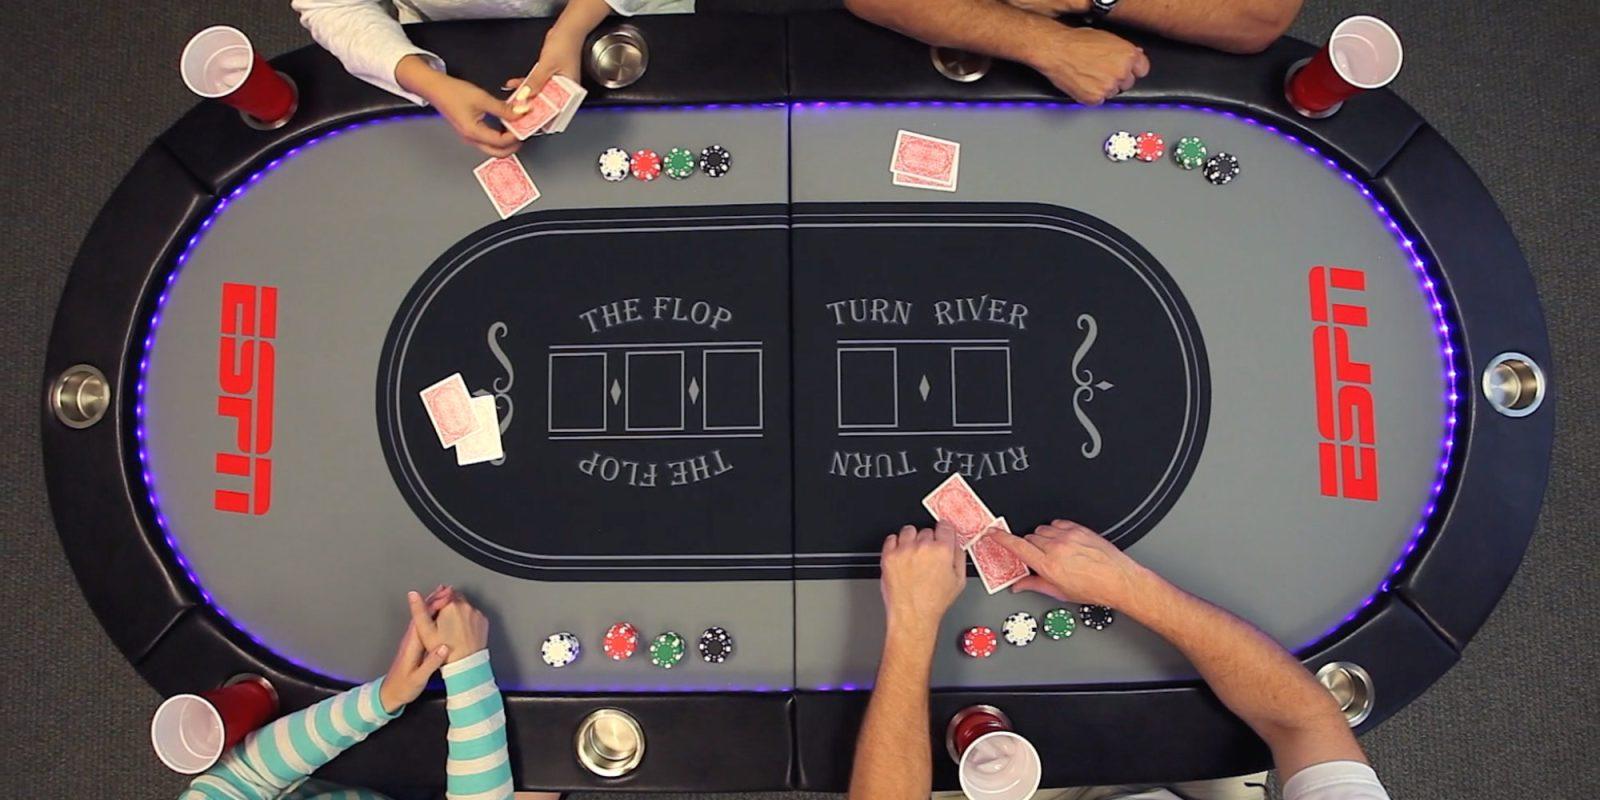 ESPN's 10-Player Poker Table folds + has LED lighting: $160 (Reg. up to $250)